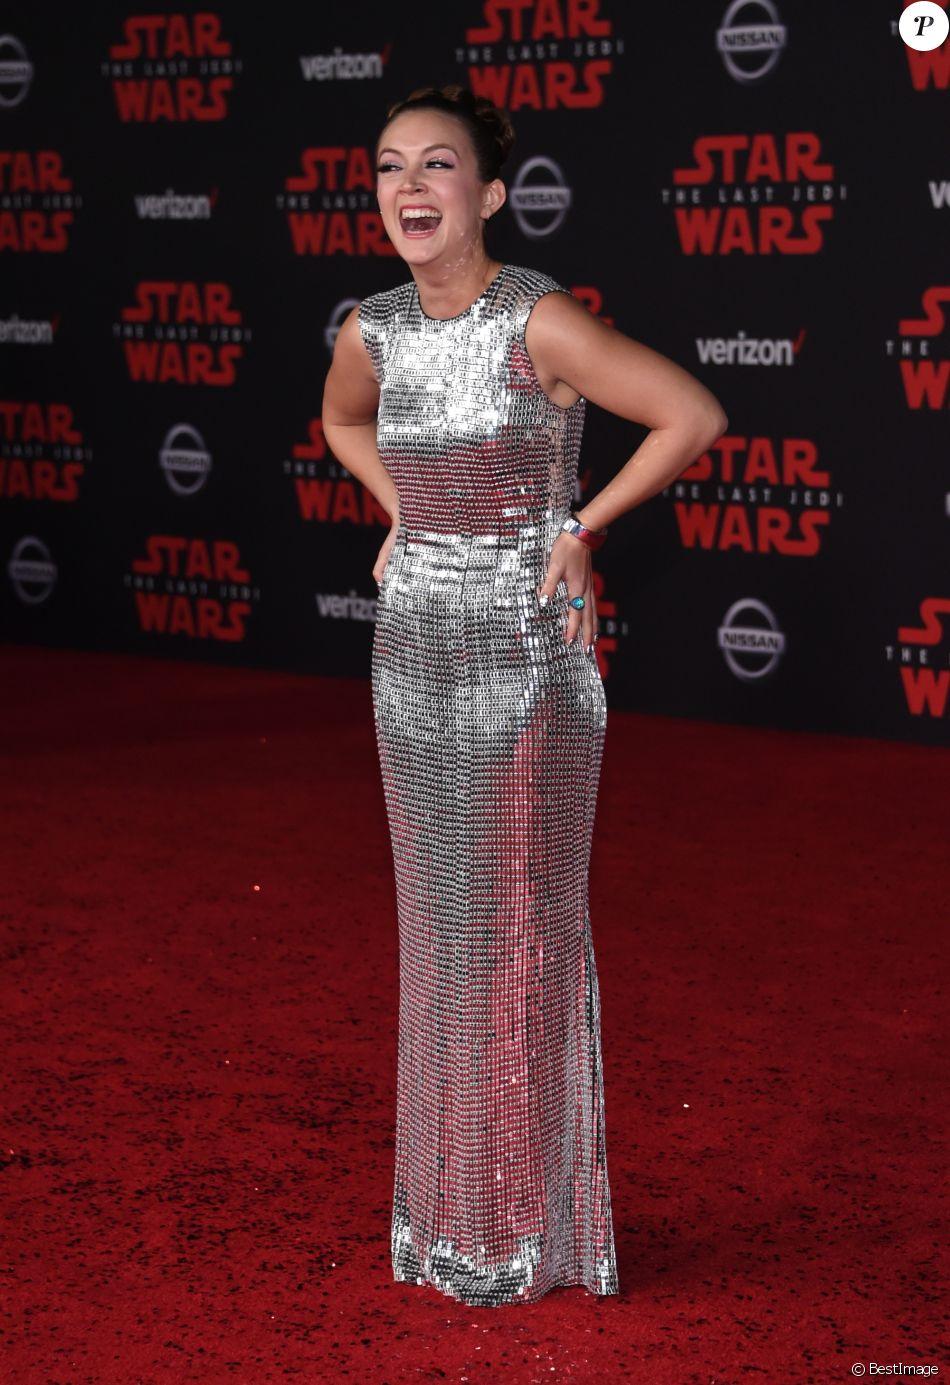 Billie Lourd - Première de 'Star Wars: The Last Jedi' au The Shrine Auditorium à Los Angeles, le 9 décembre 2017